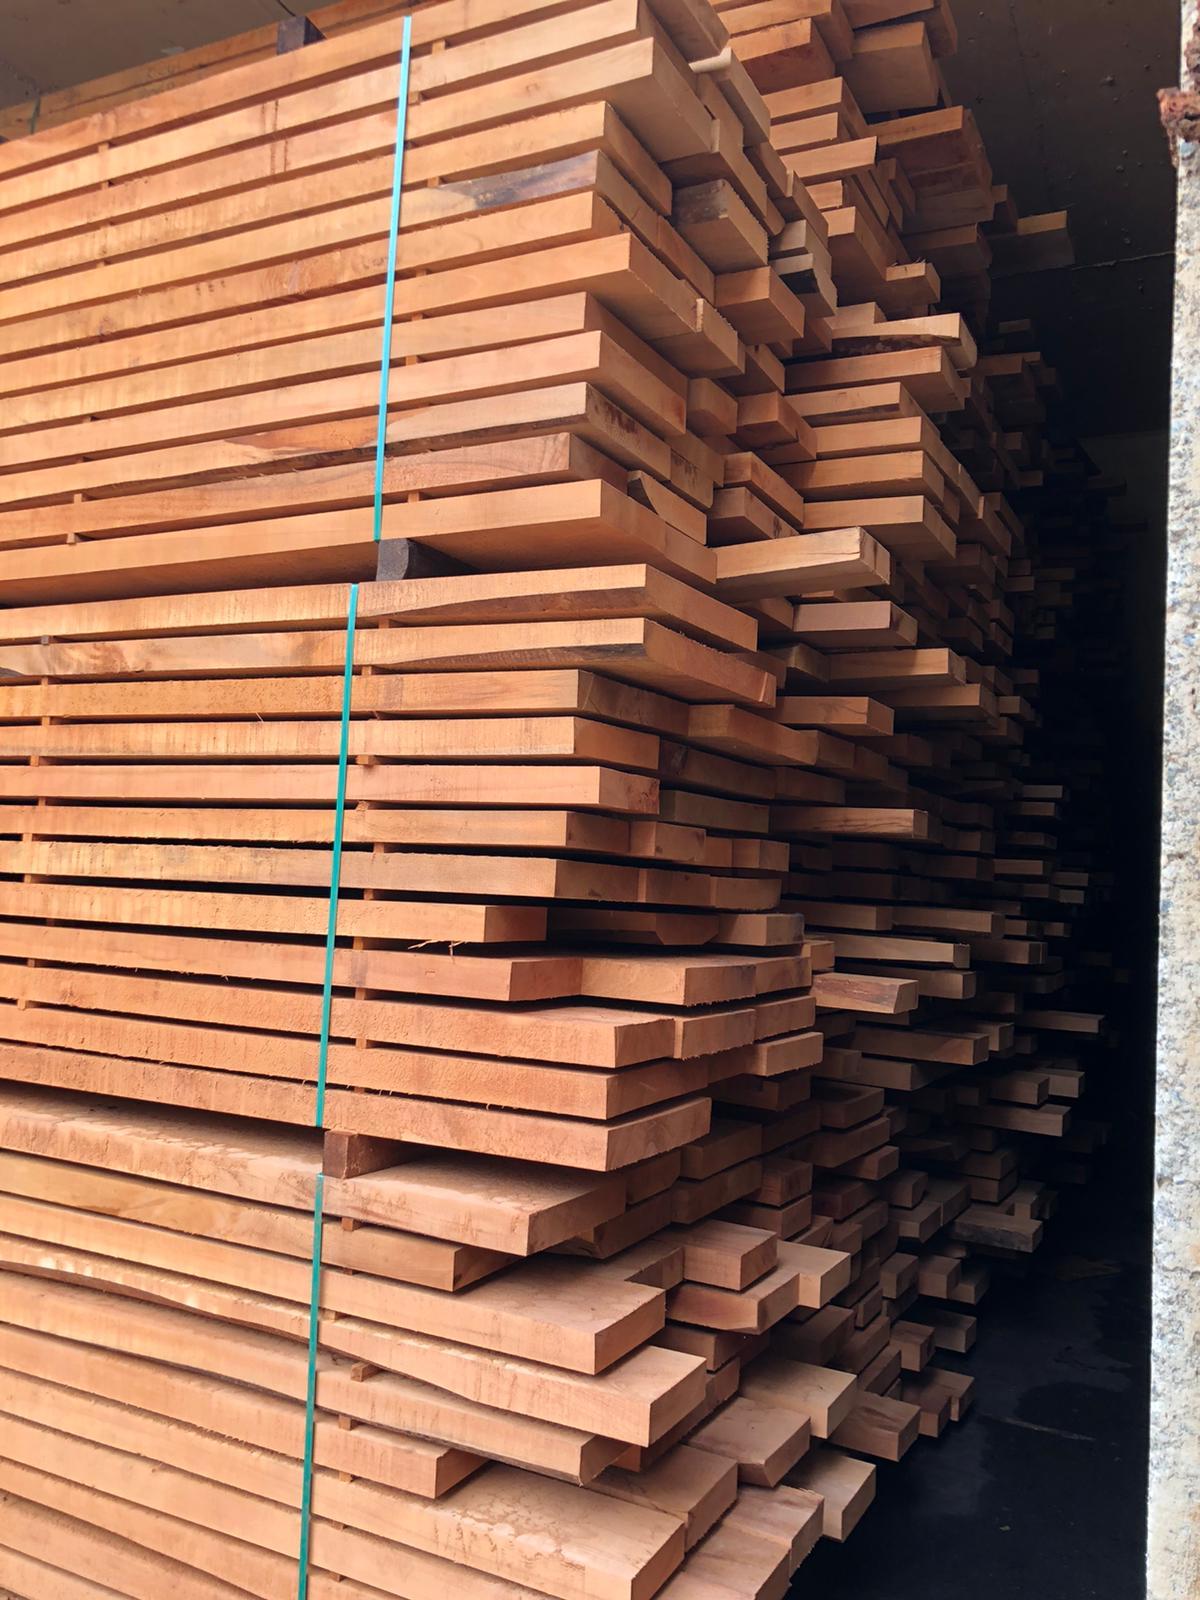 🔹واردات تخصصی ، مستقیم و بدون واسطه چوب راش